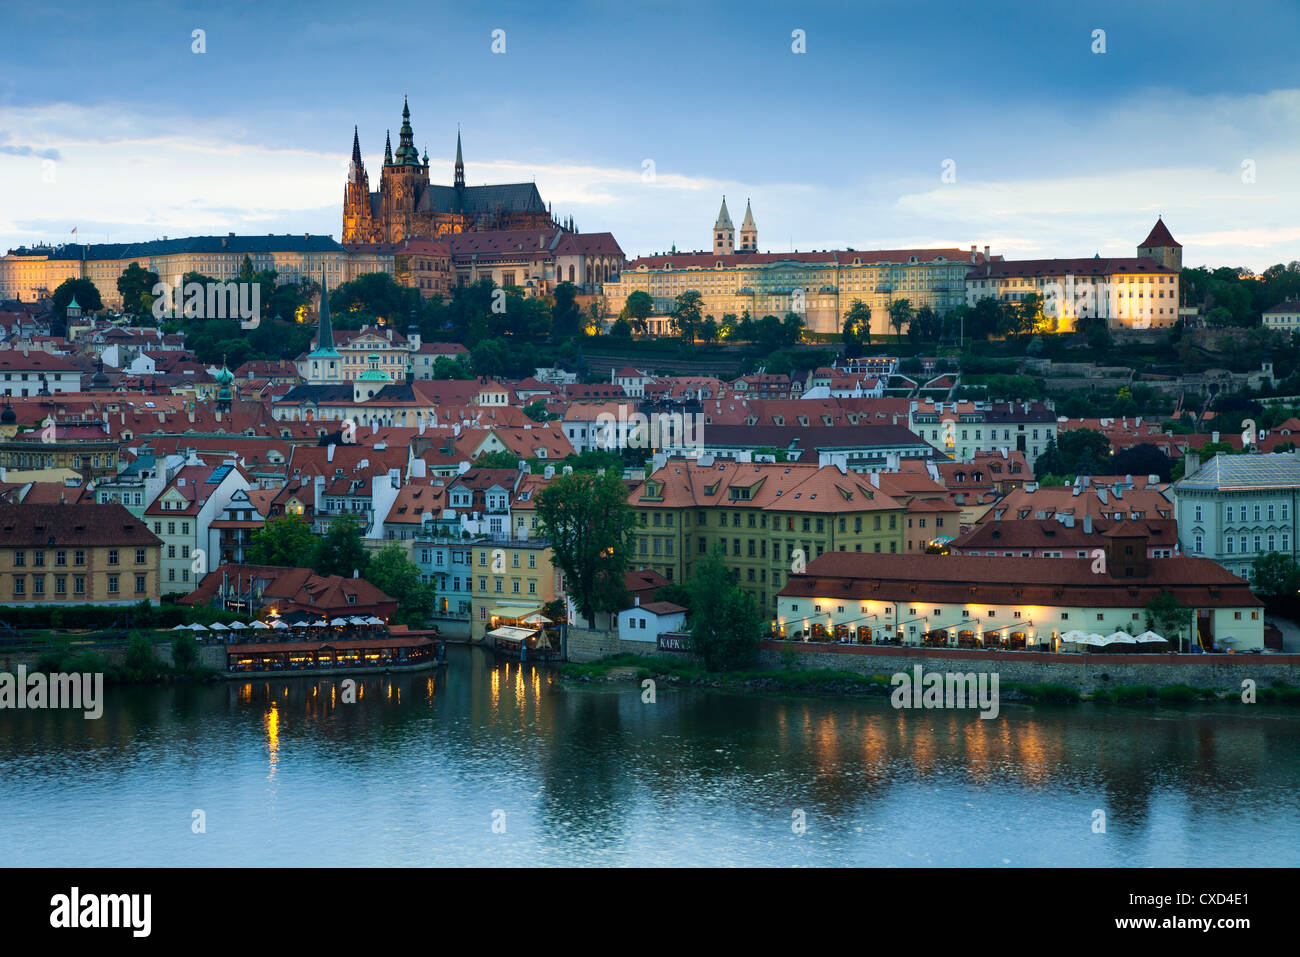 St. Vitus Cathedral, Moldau und das Budaer Burgviertel beleuchtet am Abend, Prag, Tschechische Republik Stockbild